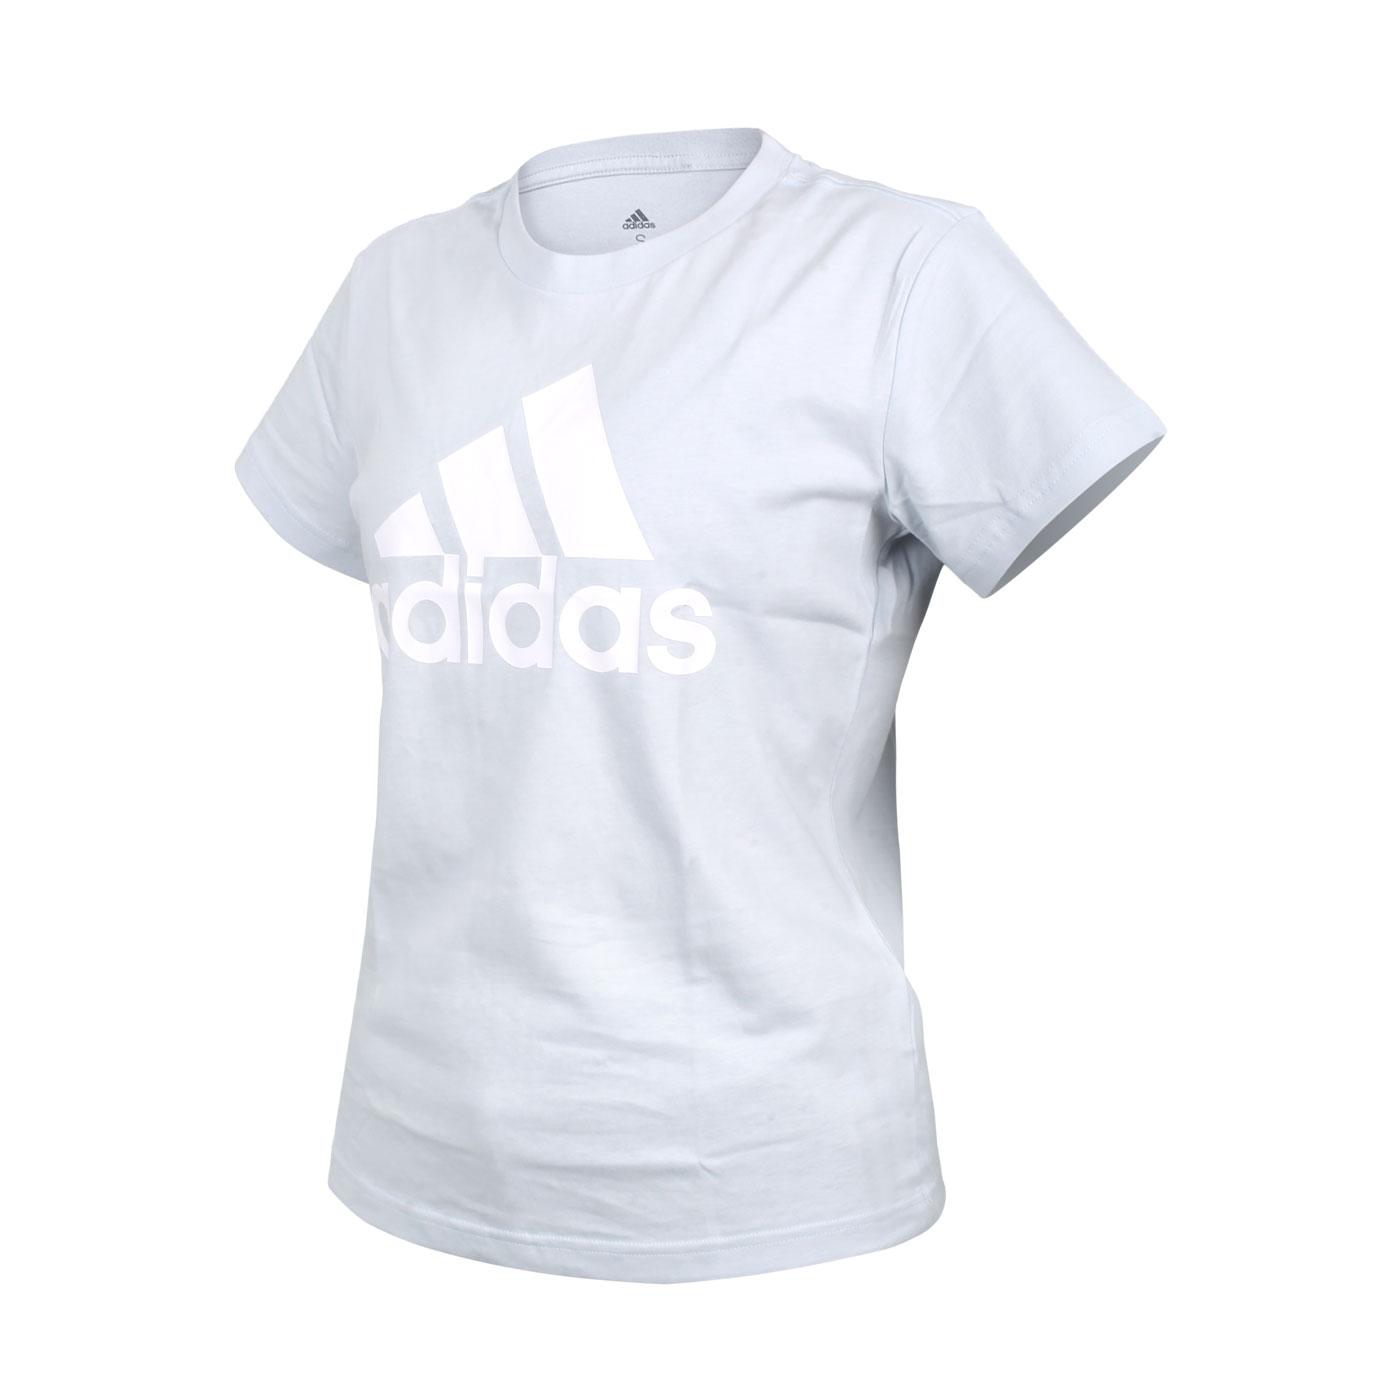 ADIDAS 女款短袖T恤 GV4029 - 淺藍白